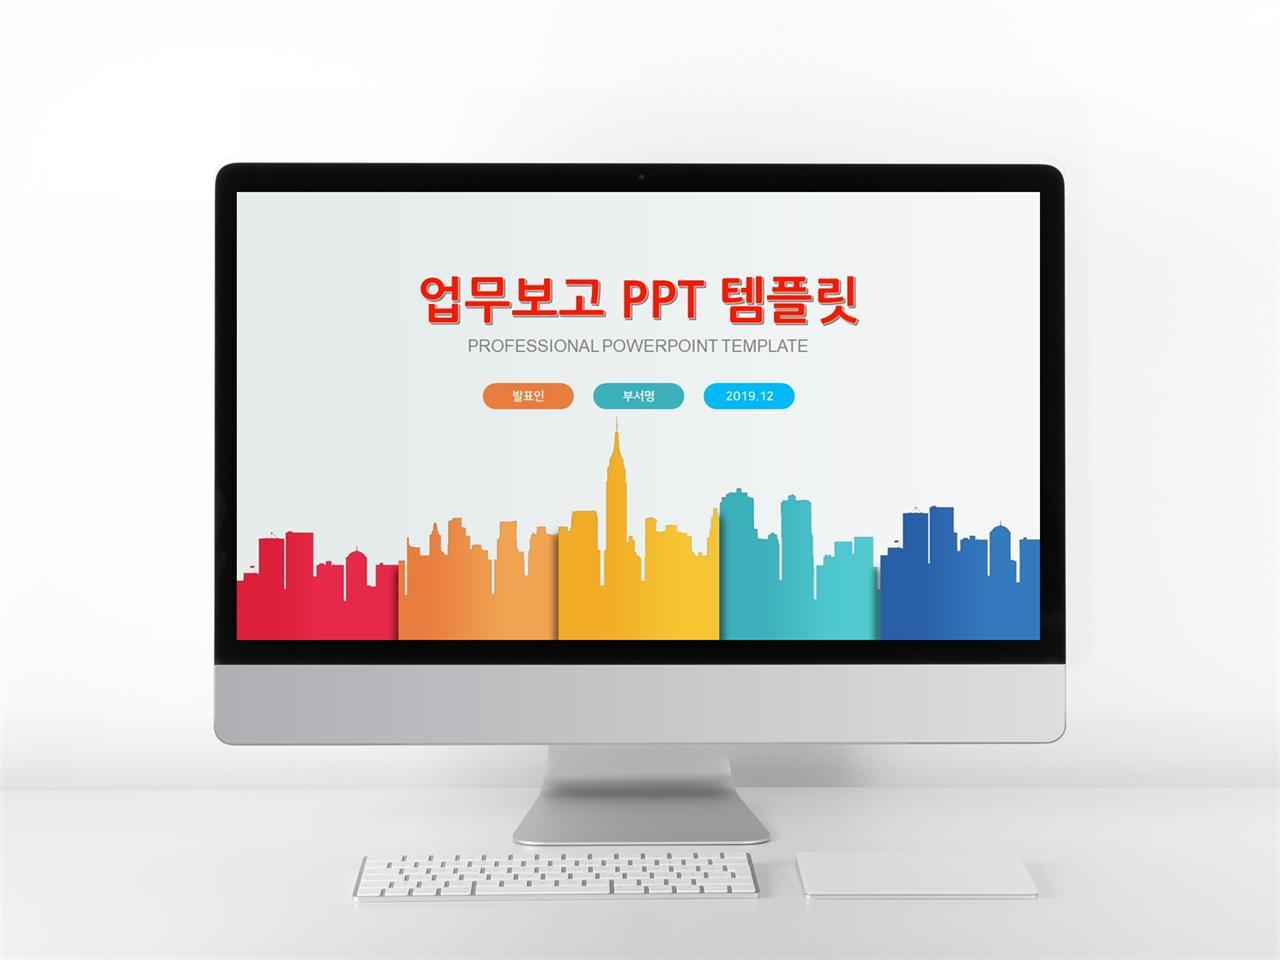 업무프로세스 컬러 정결한 고퀄리티 피피티탬플릿 제작 미리보기